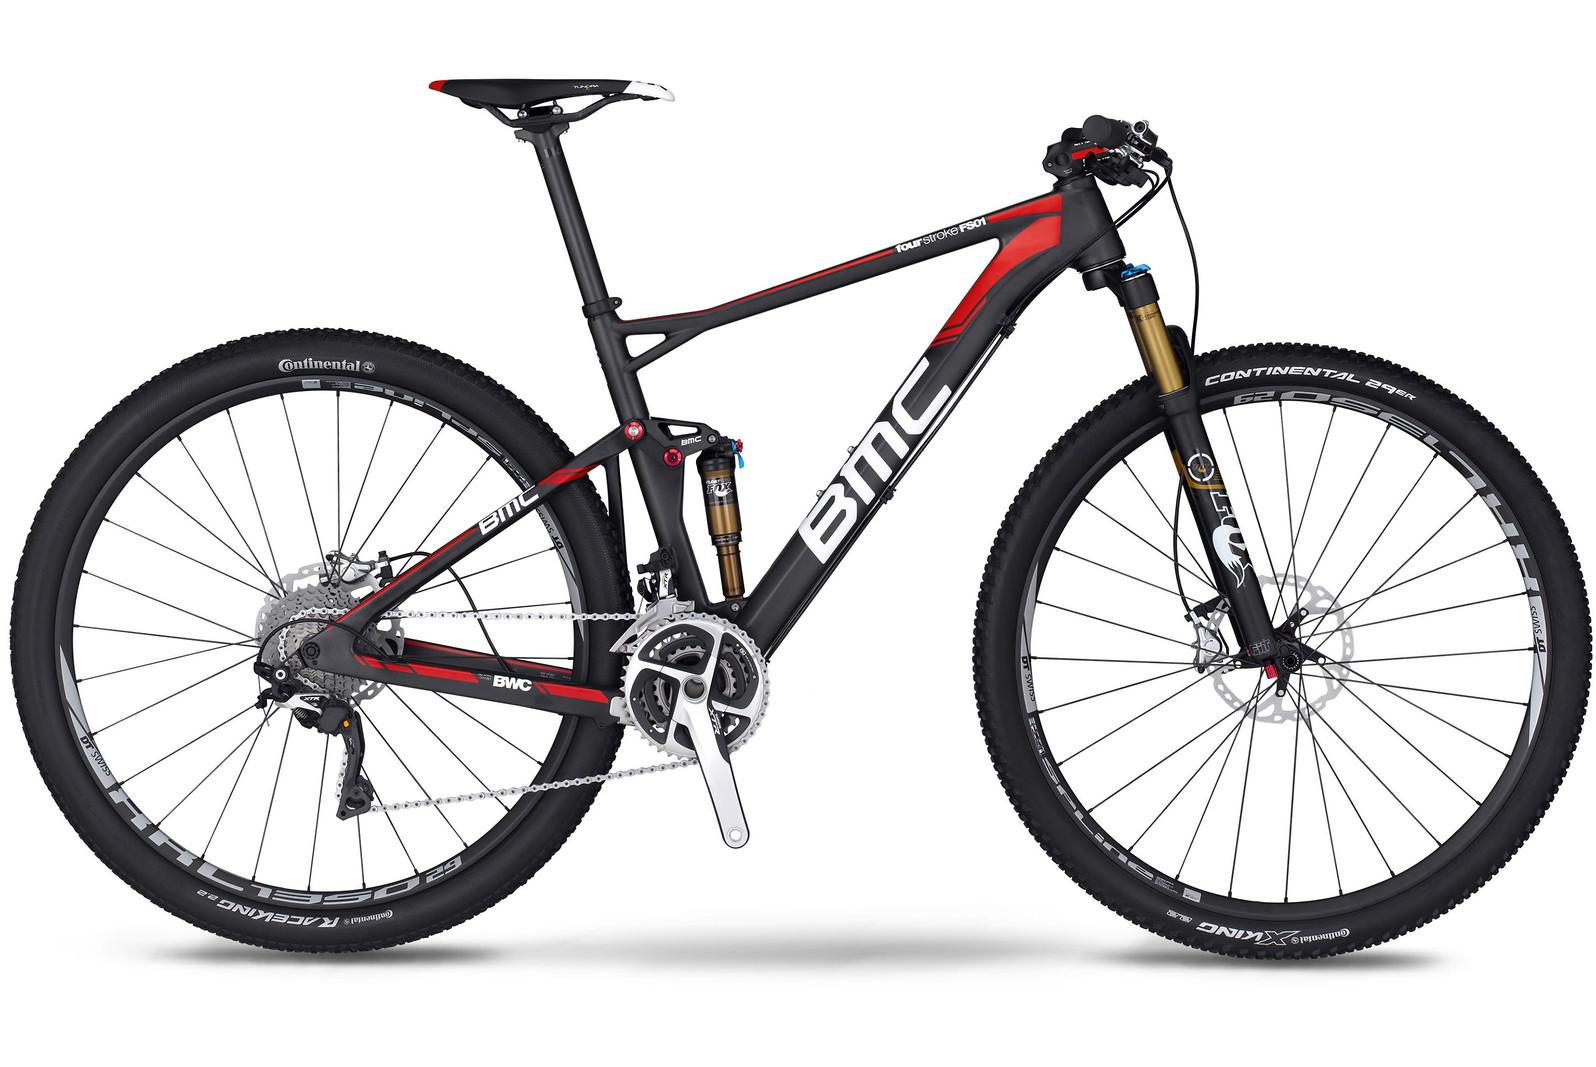 bike - 2014 BMC Fourstroke FS01 29 with XTR